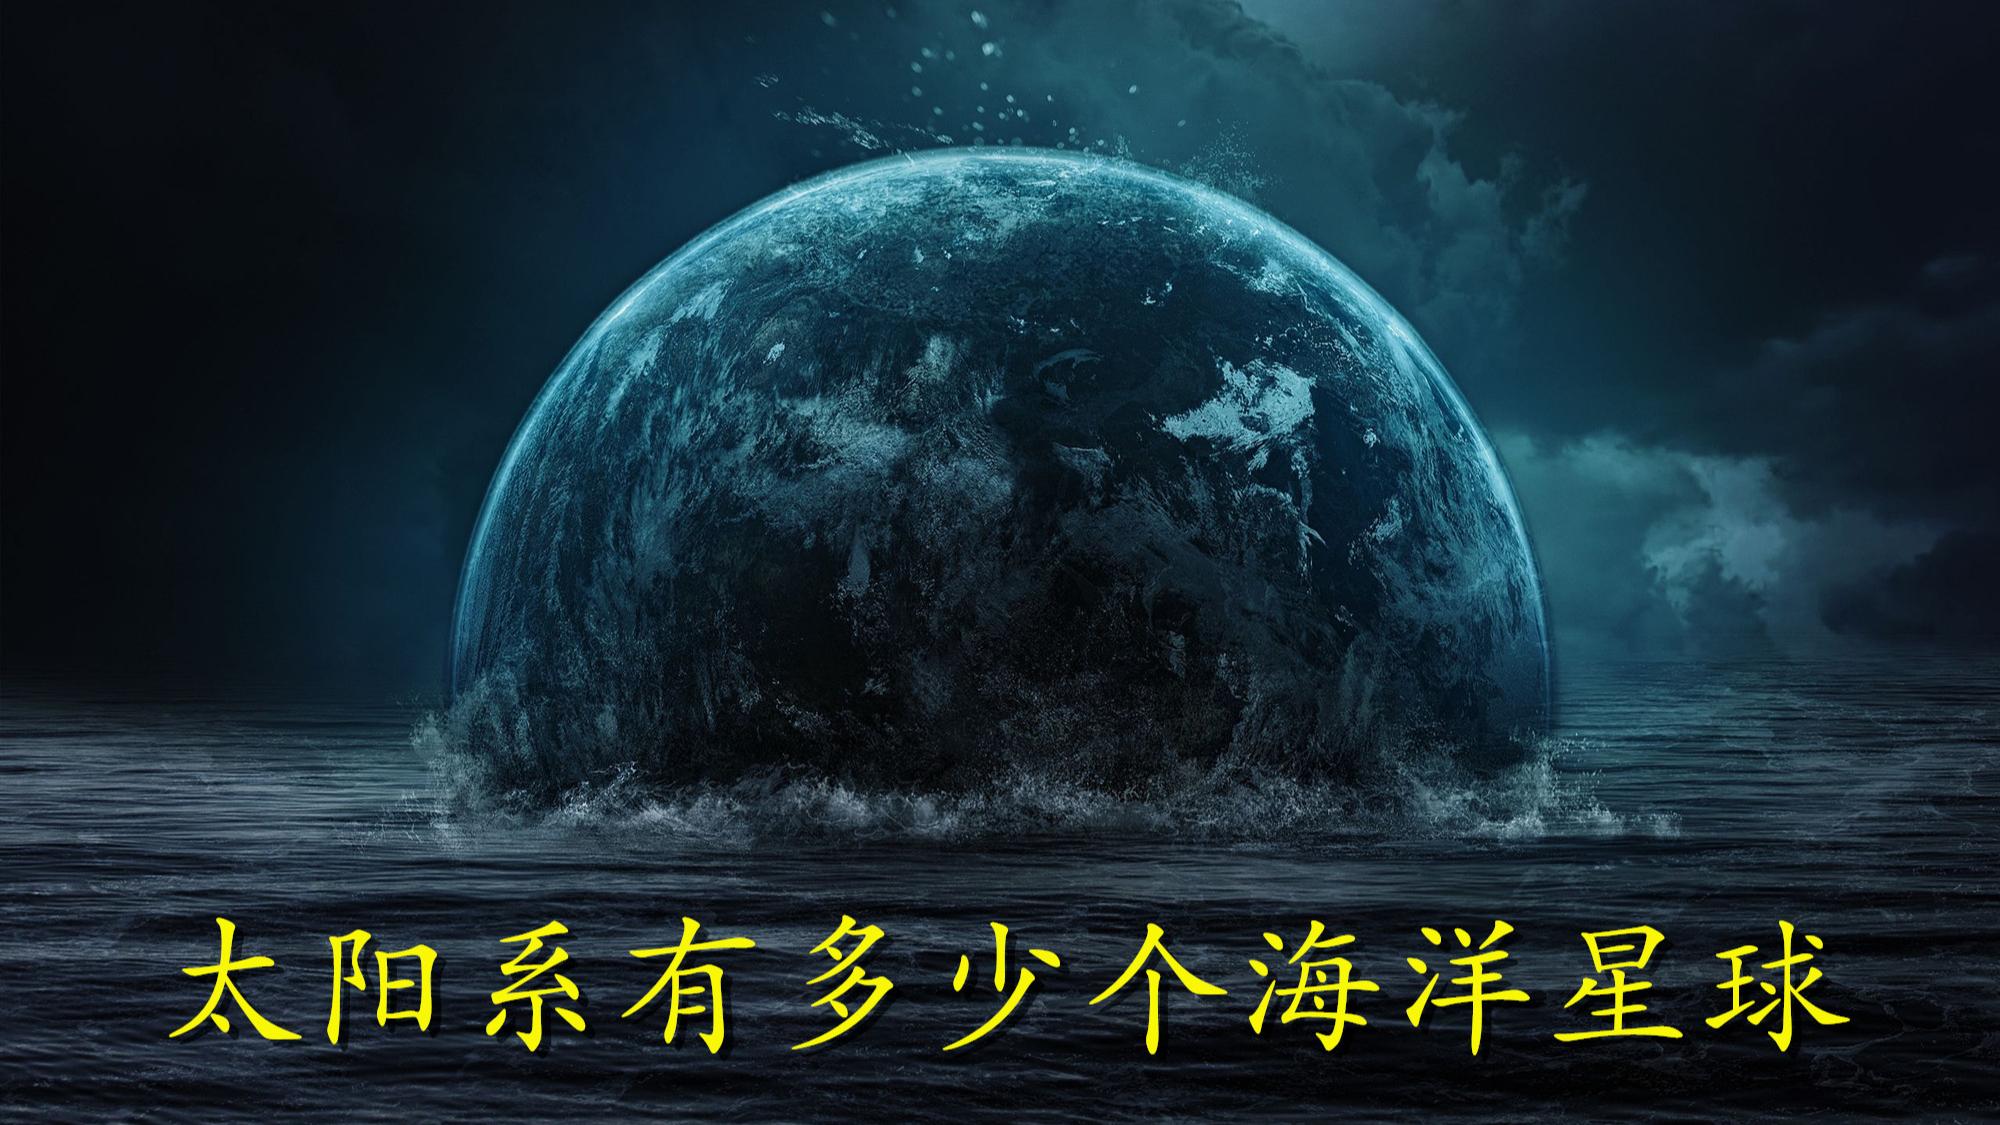 水资源很稀罕?对于太阳系来说并不一定,看看太阳系的海洋星球